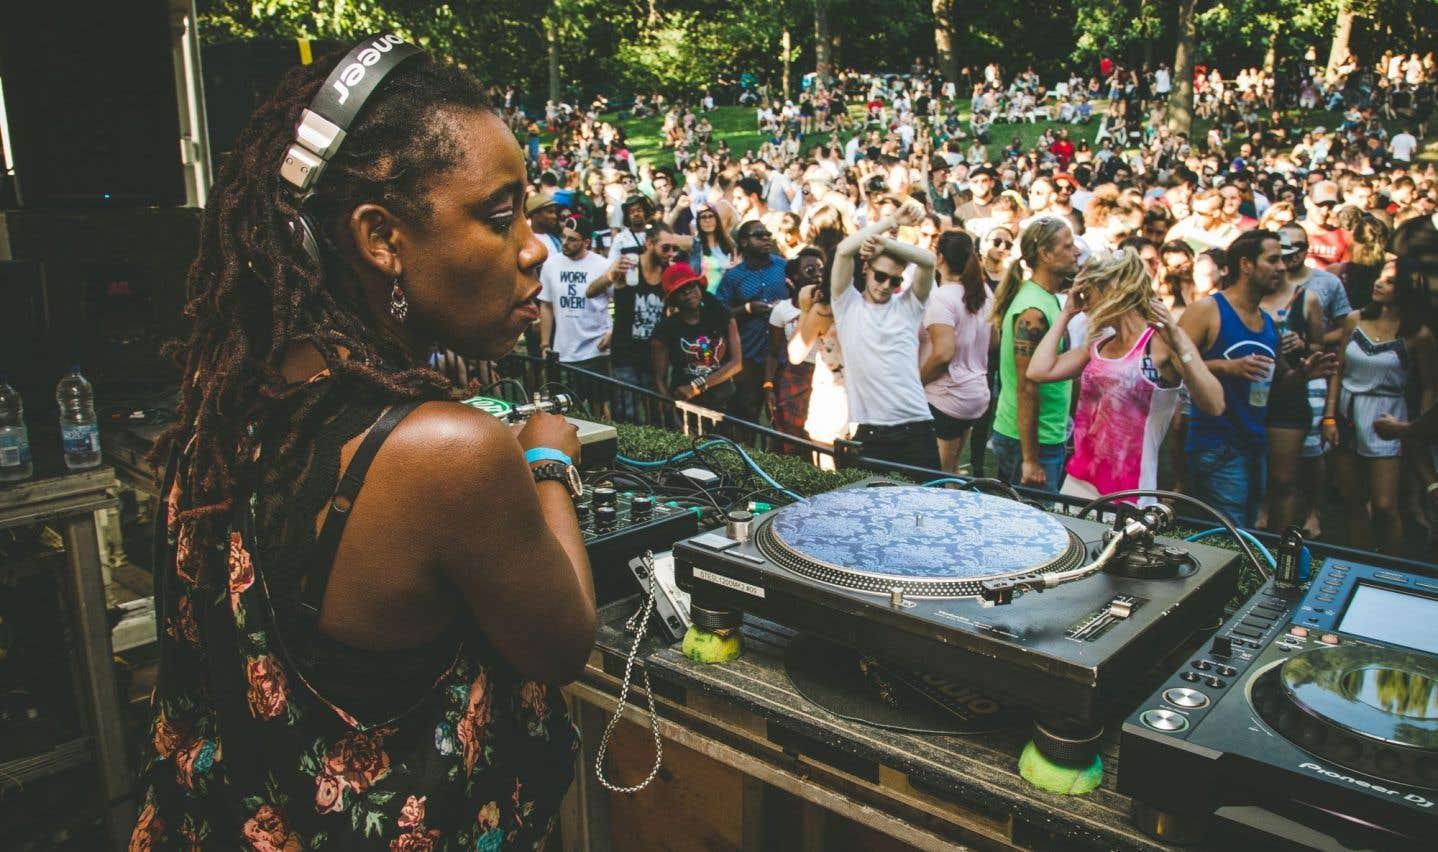 Après 15ans de techno, de house et d'électro en tous genres, le Piknic attire des DJ de partout dans le monde et des festivaliers loyaux, semaine après semaine.